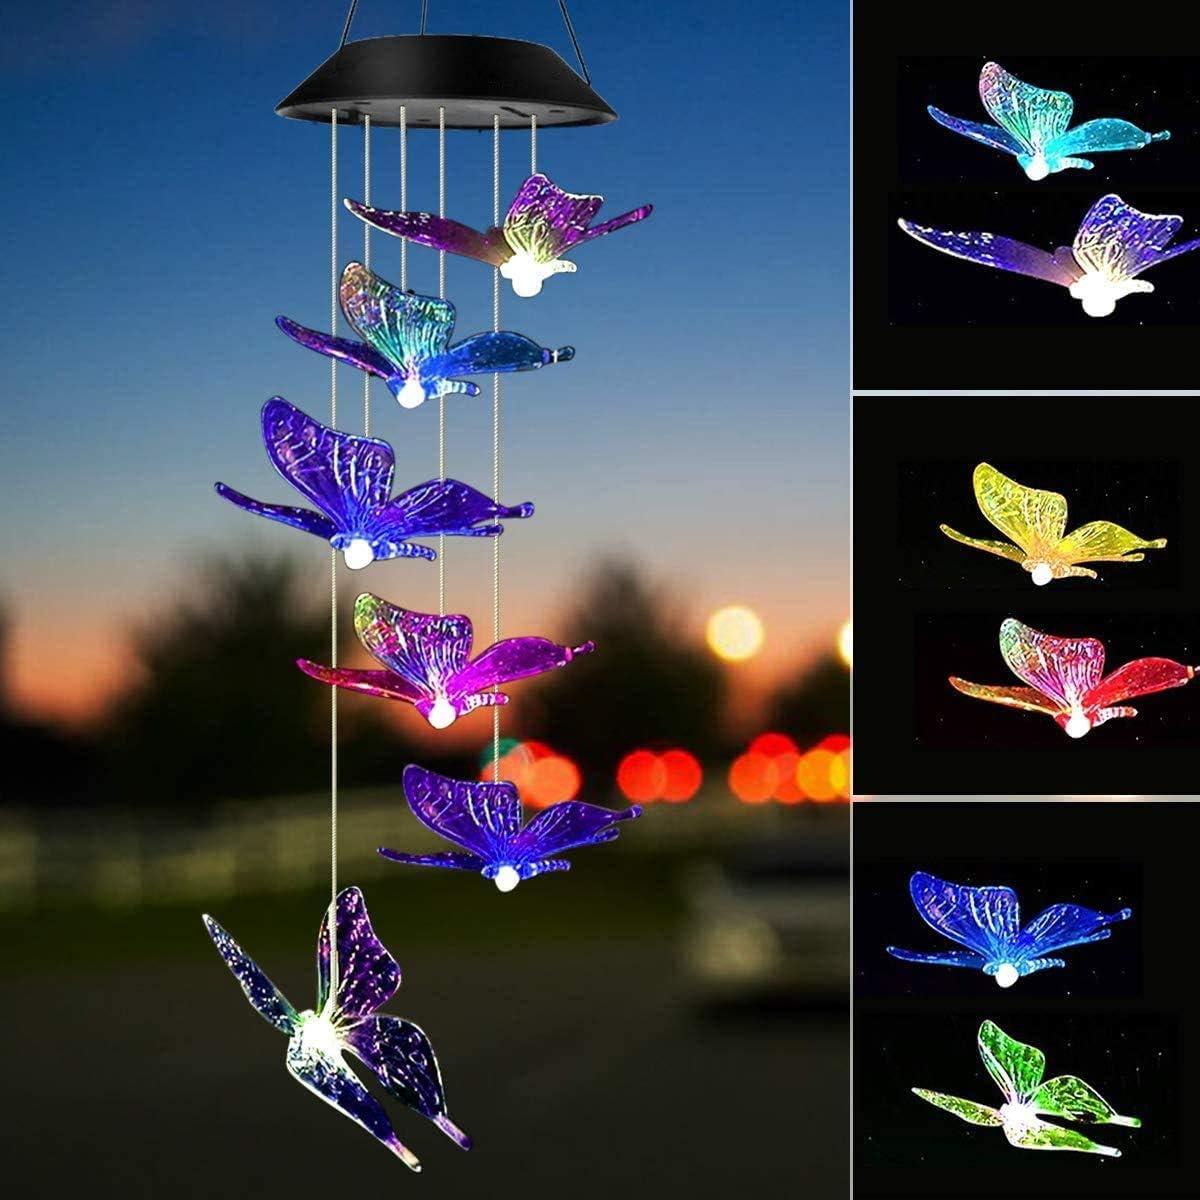 Campanelli eolici solari a Farfalla campanelli a Vento a LED Impermeabili per Esterni mobili Che cambiano Colore Luce Colorata ad energia Solare per la casa